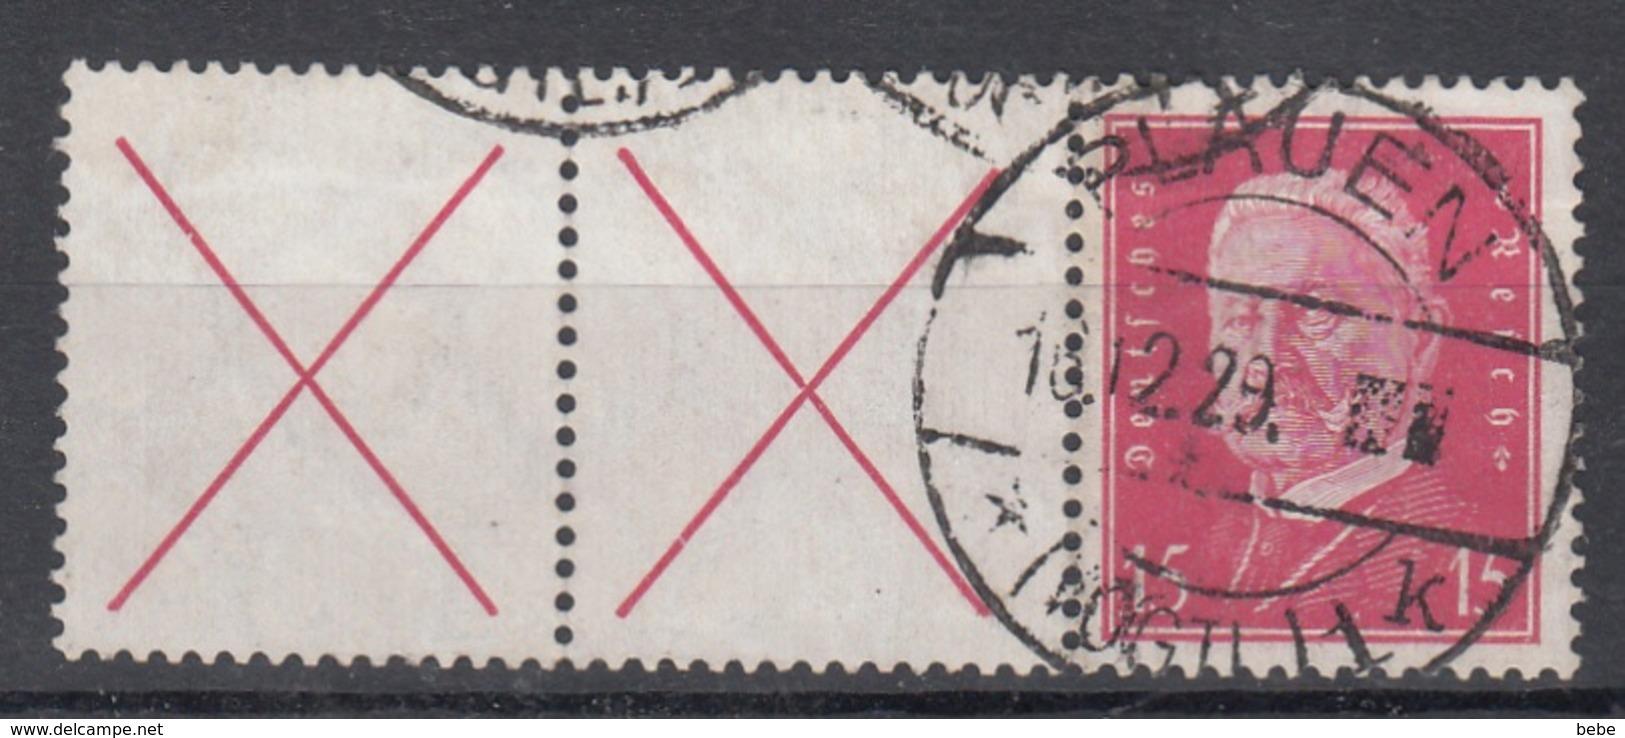 Timbres N° 405 Interpanneau Belle Oblitération - Oficial